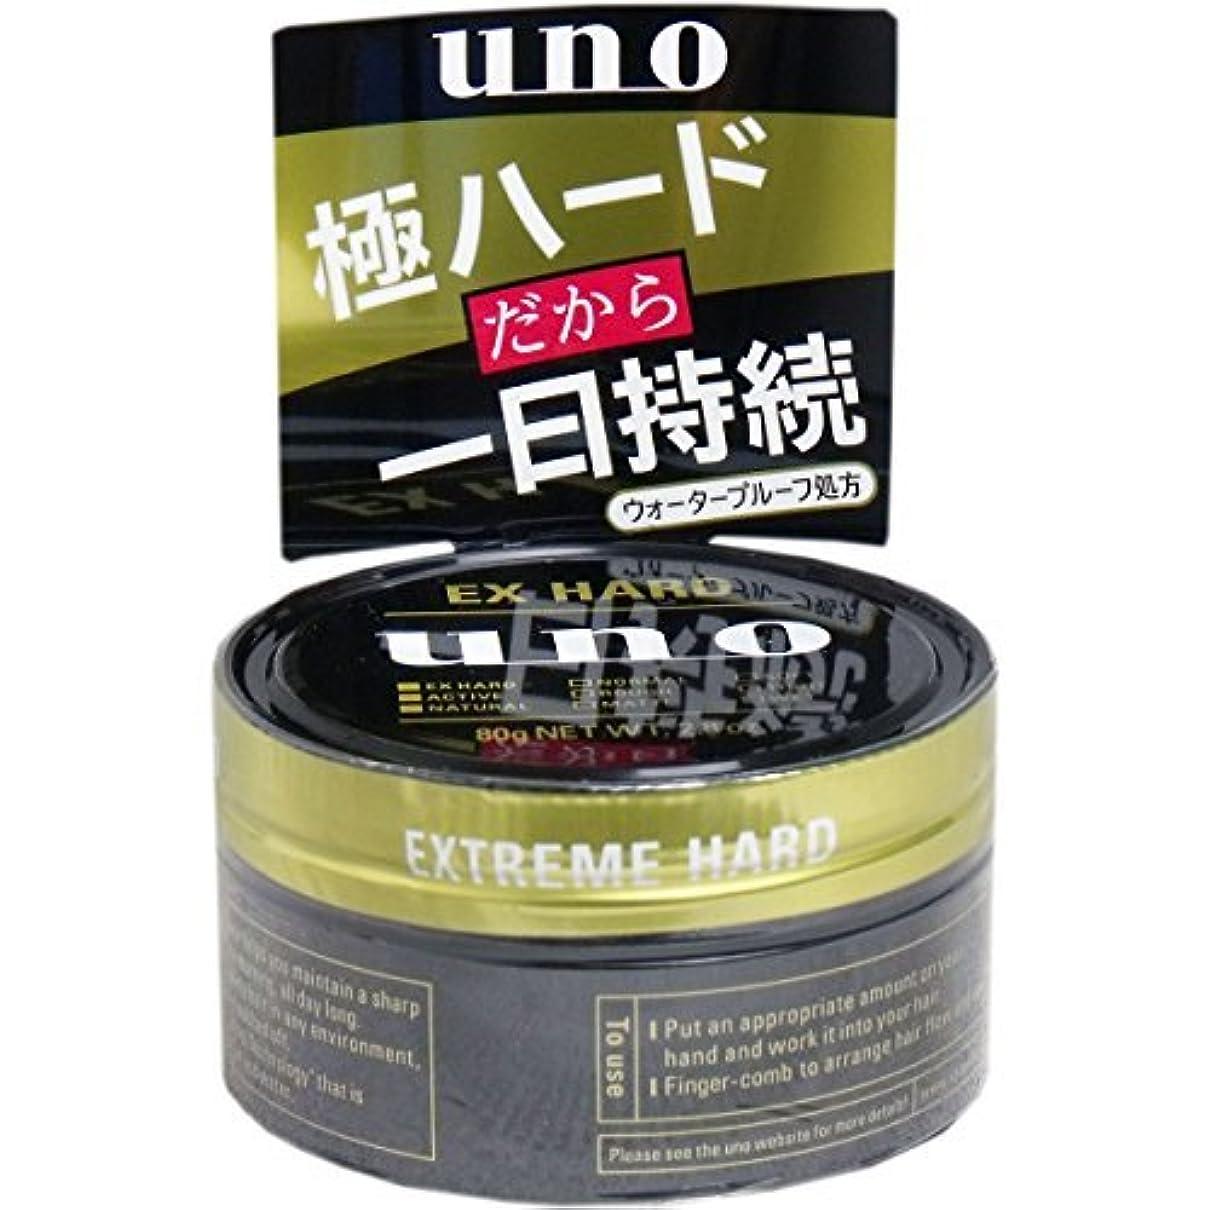 使用法権威ストレージUNO(ウーノ) エクストリームハード 整髪料 80g